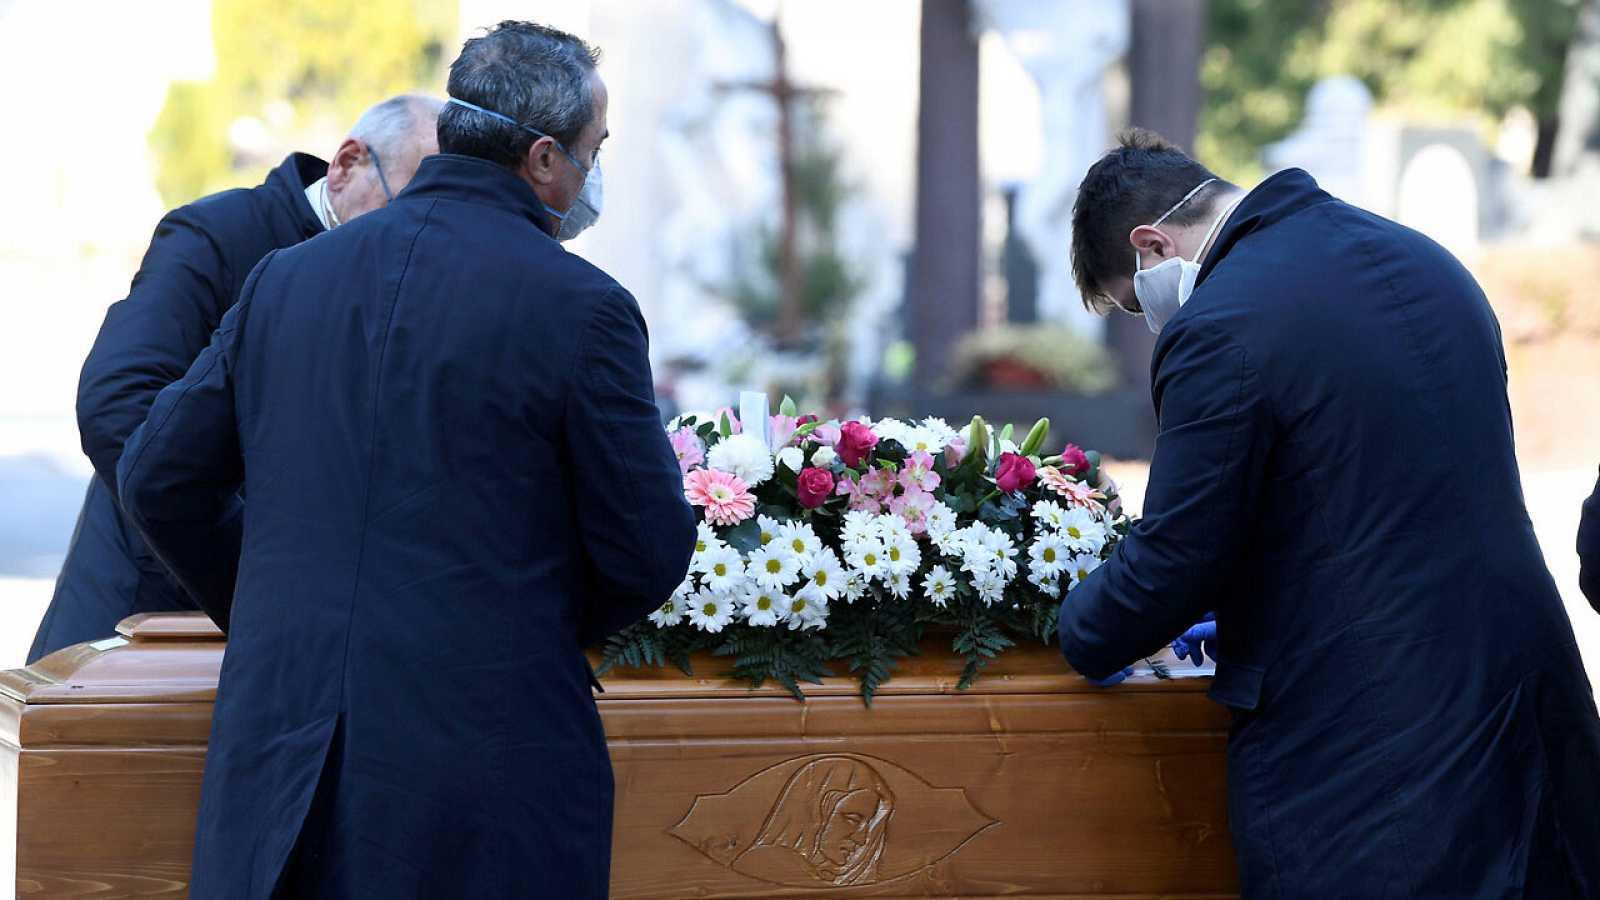 cómo dar condolencias